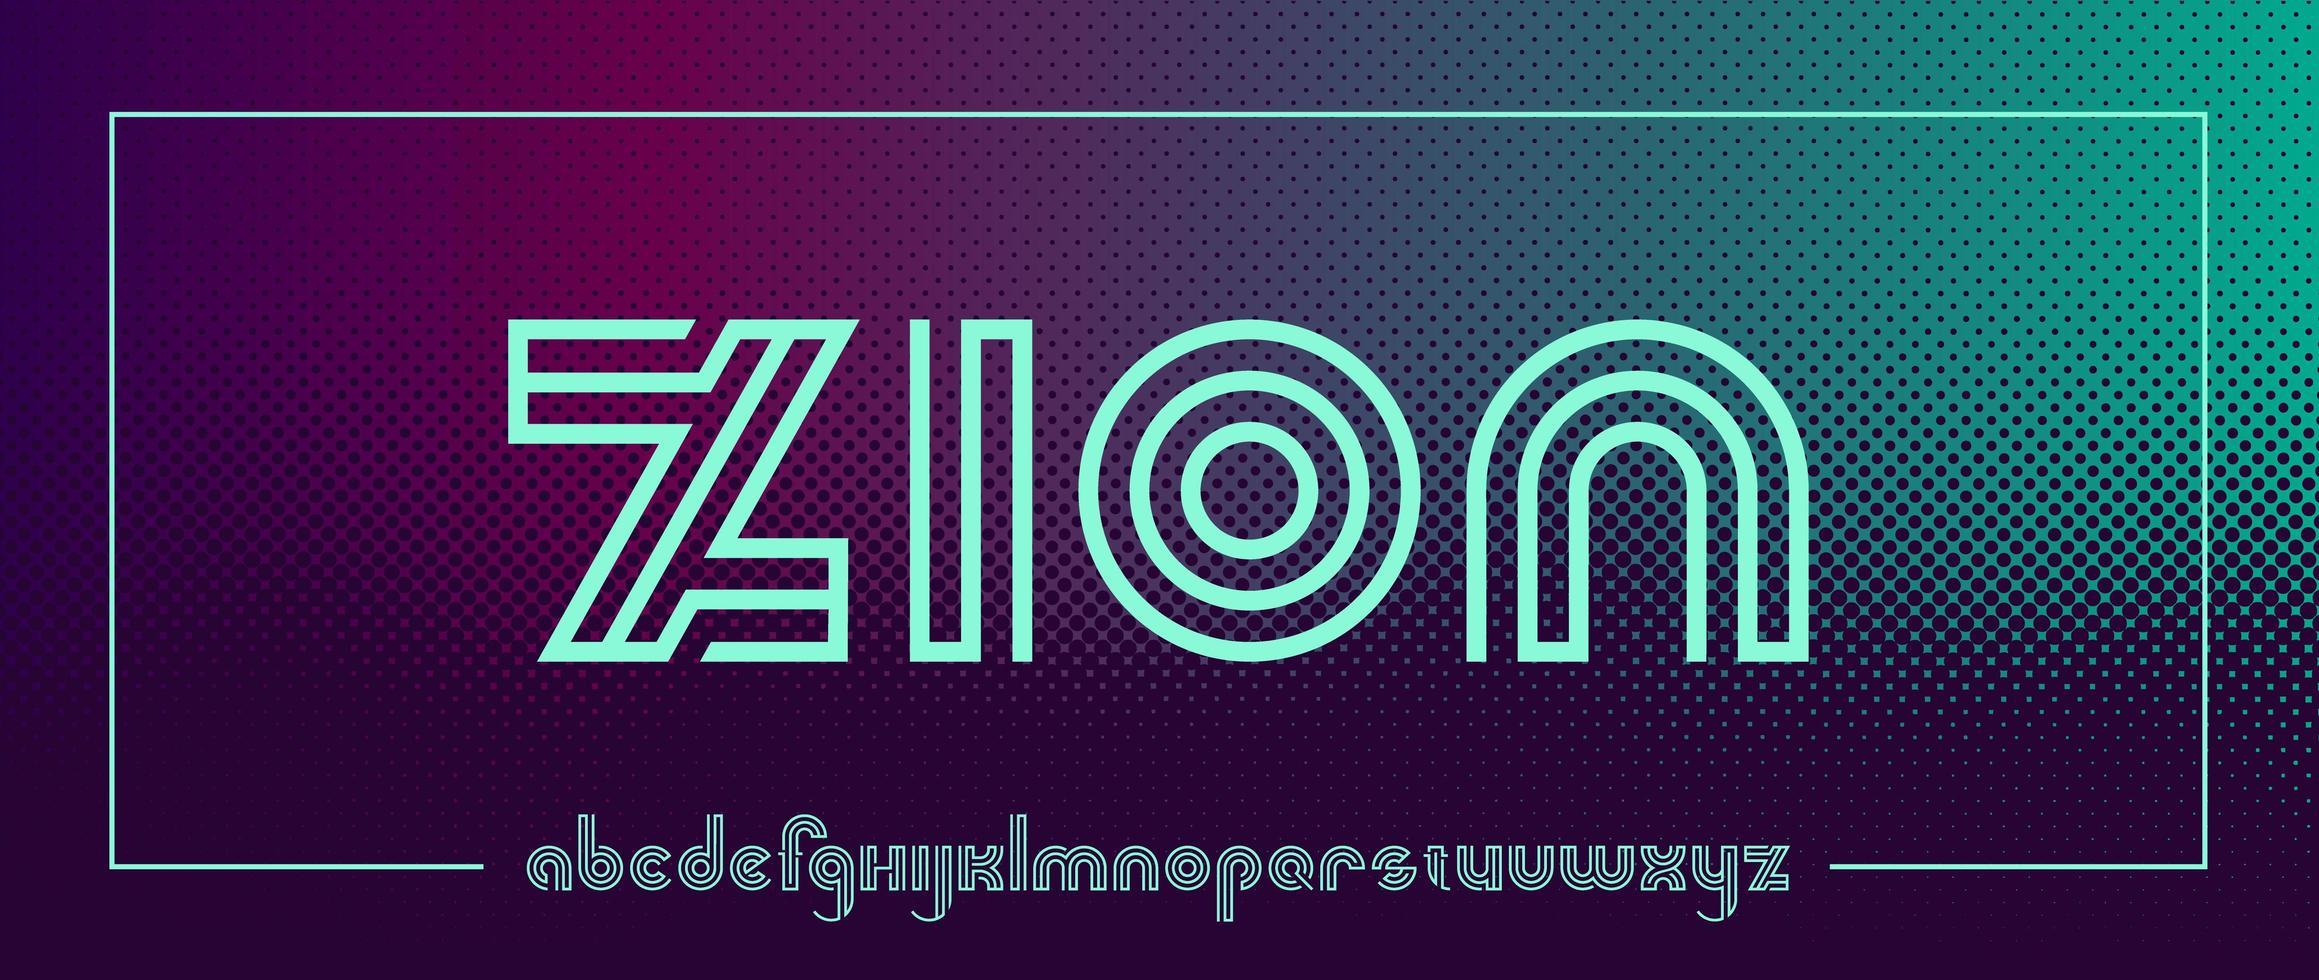 carattere futuristico in stile neon vettore